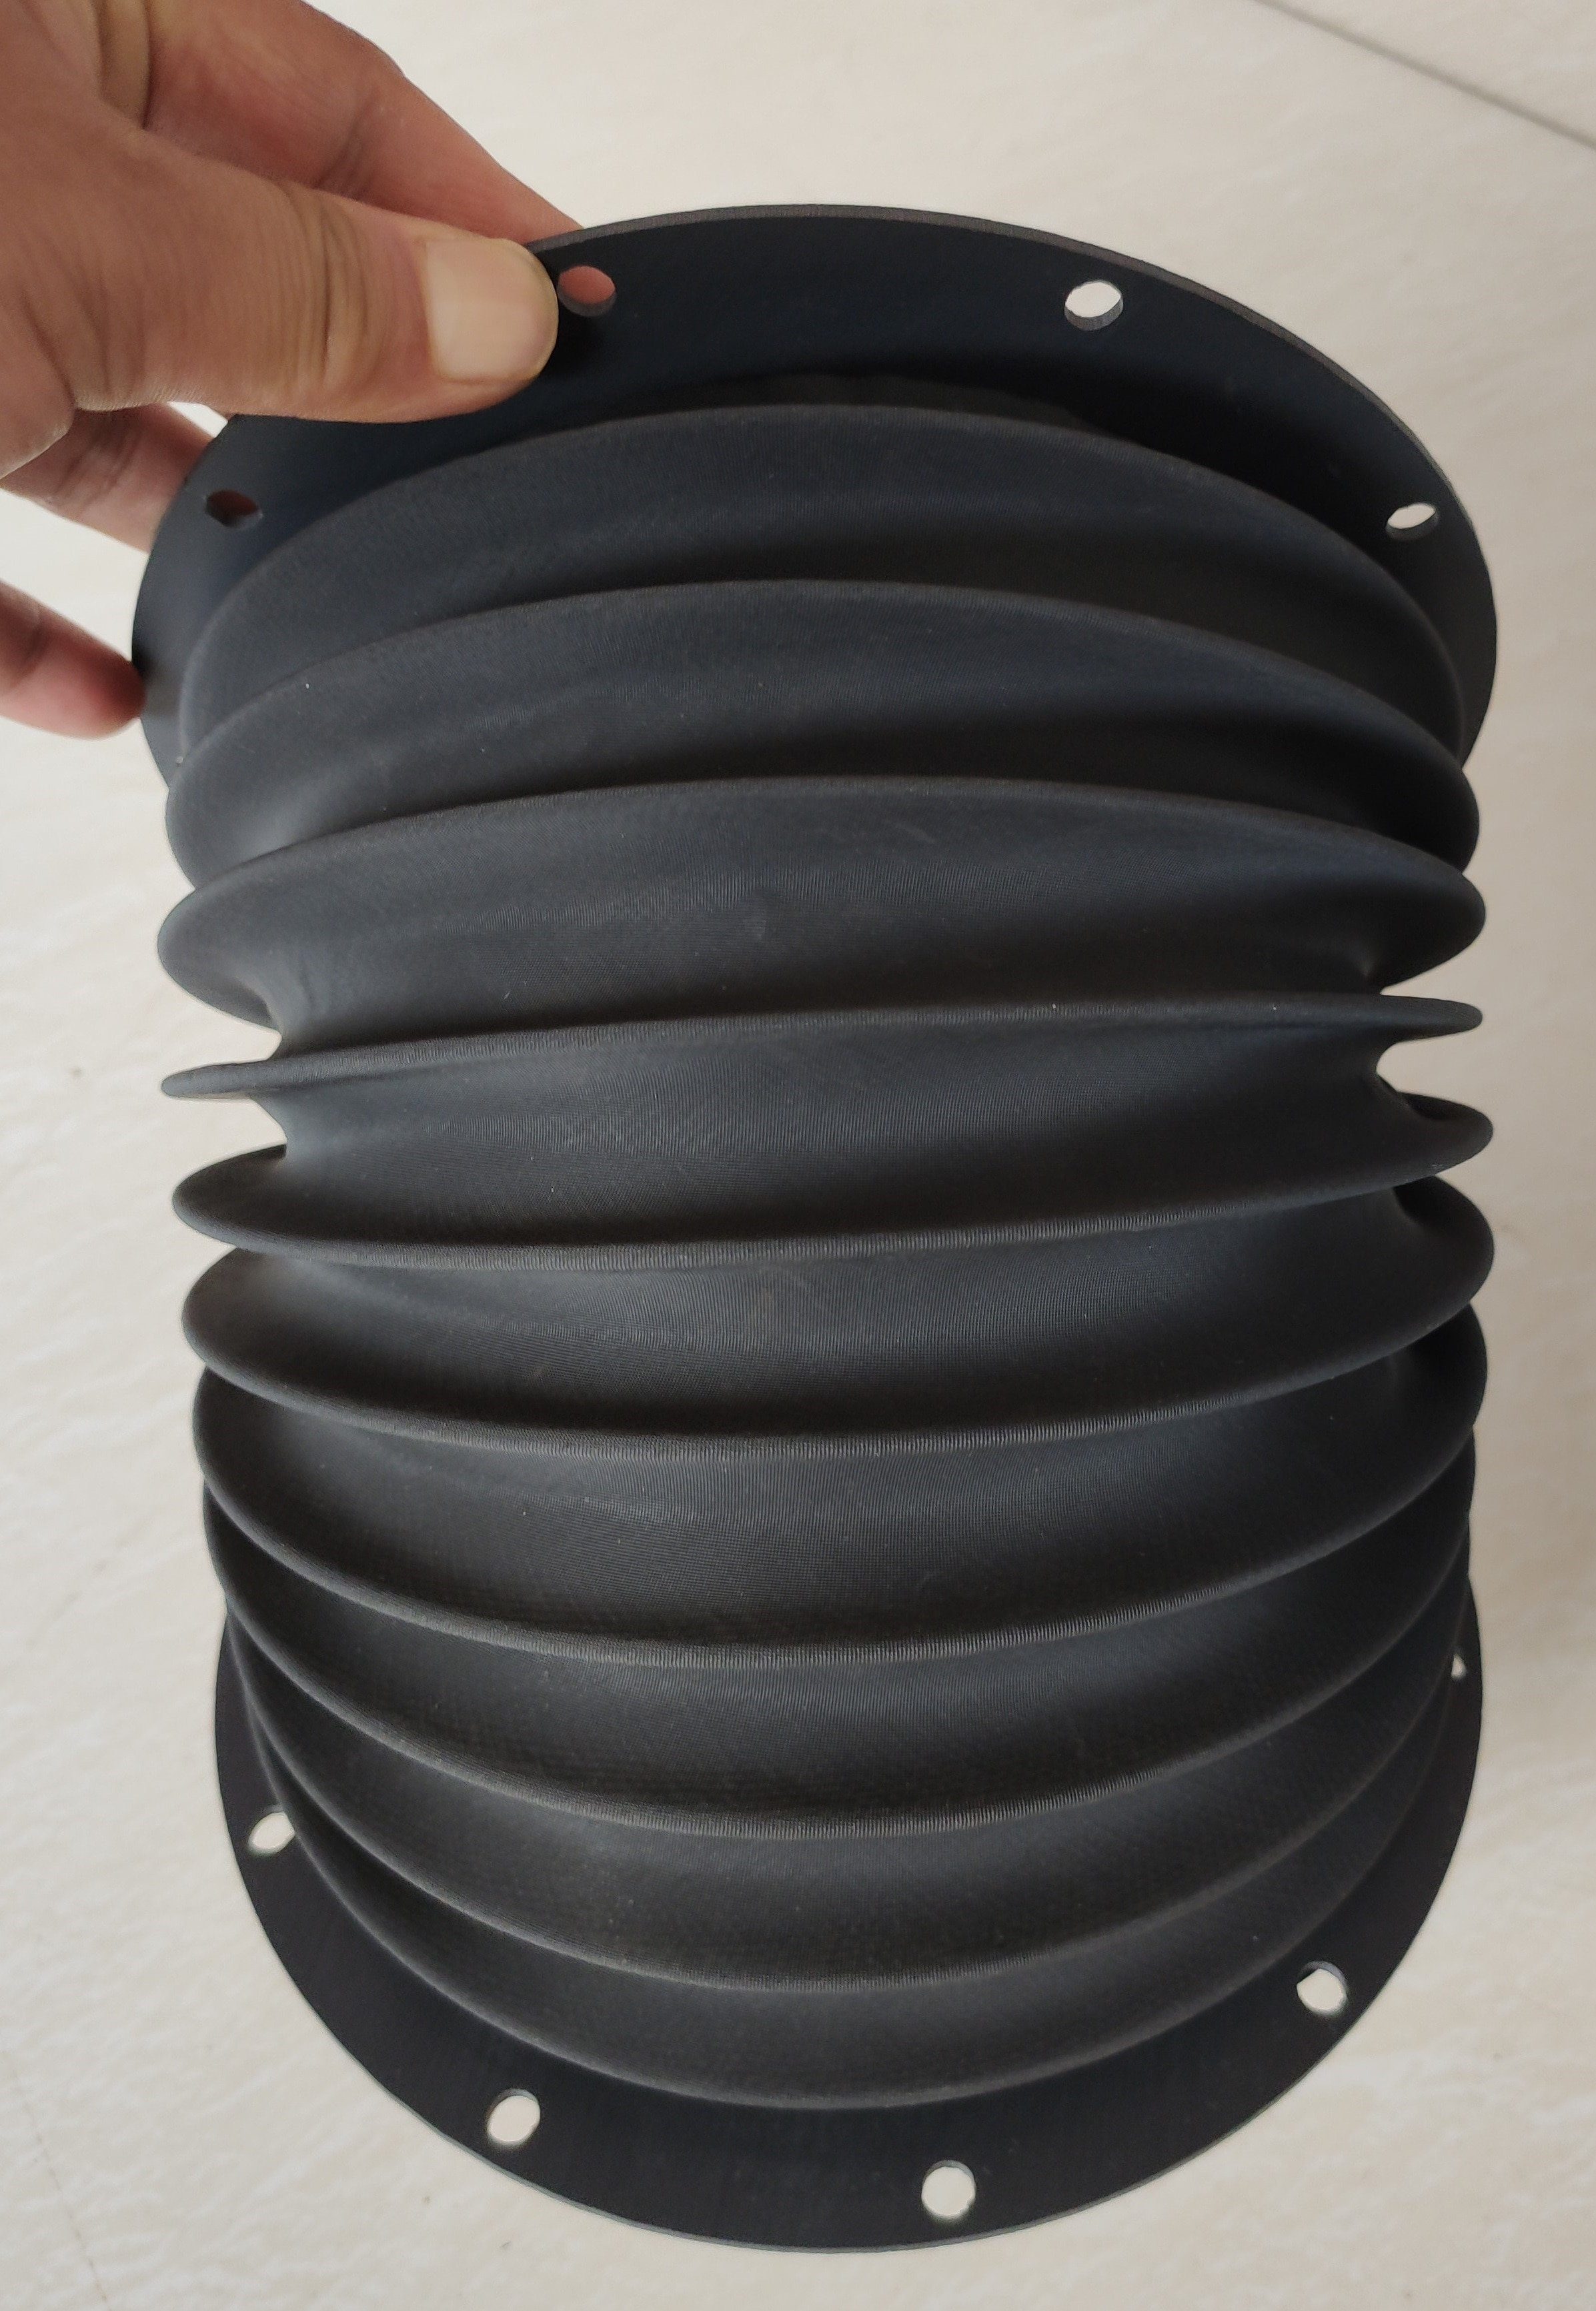 Fuelle redondo para rectificadora, ID 148mm, Lmax 300mm, terminación de brida de PVC con agujeros